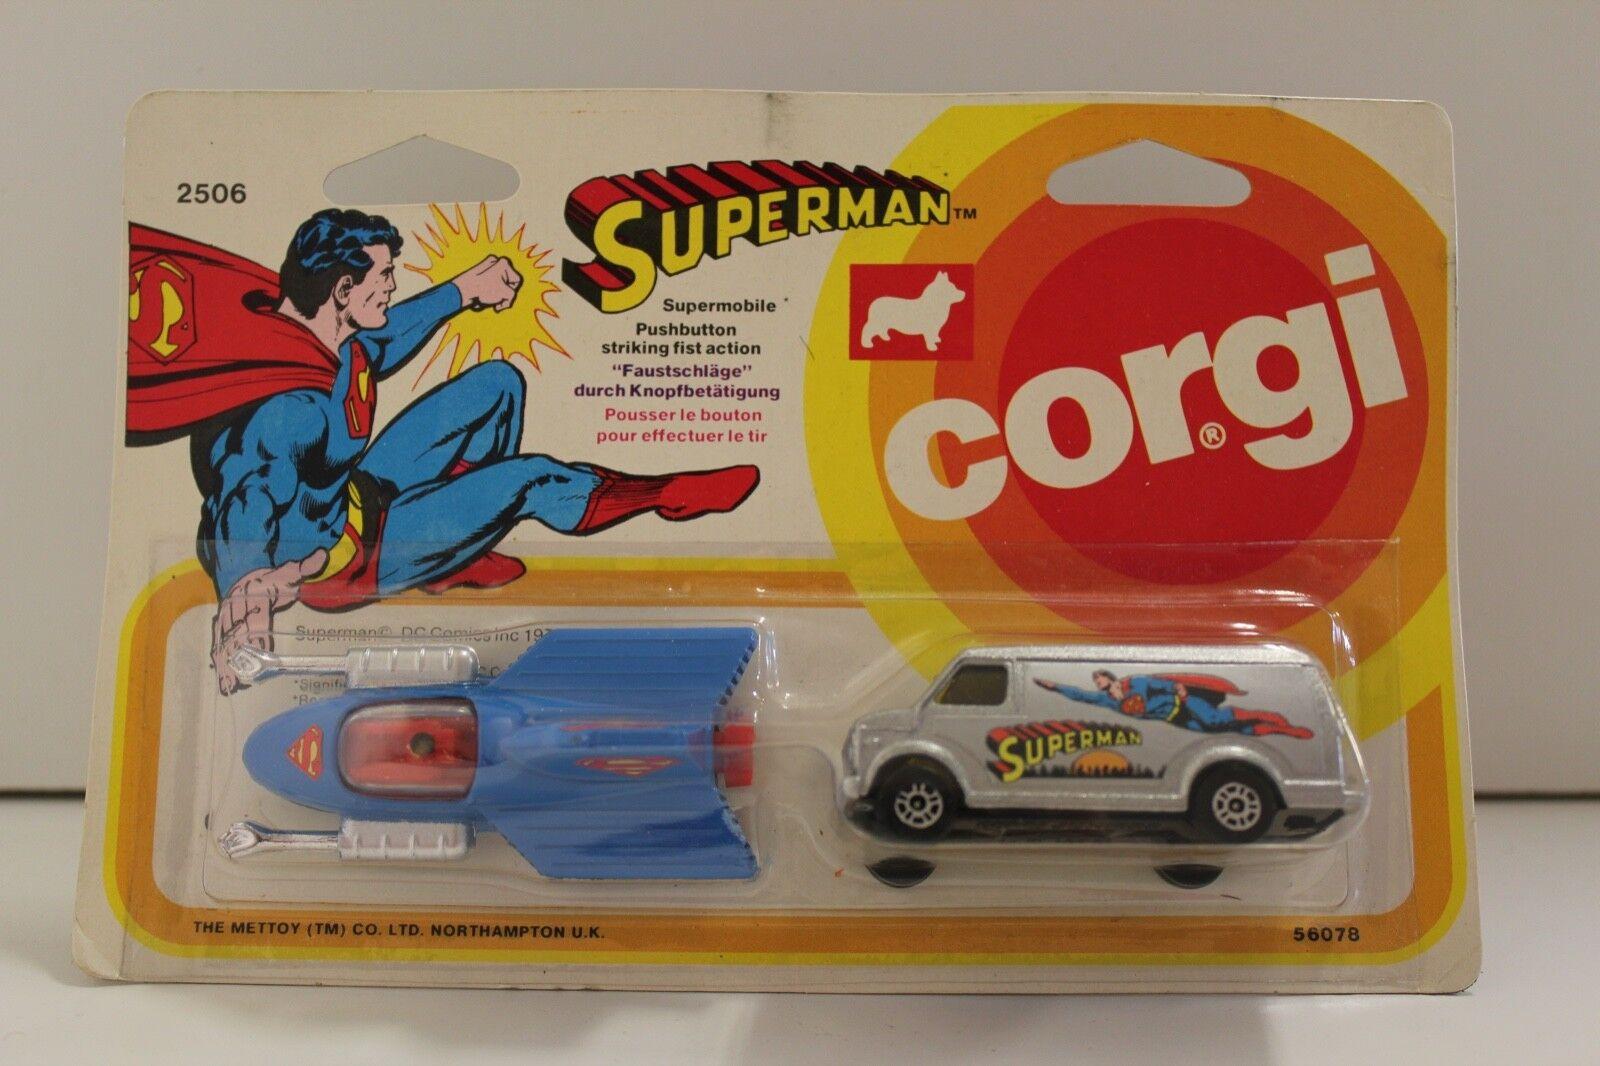 Corgi Juniors no: 2506 Superman Twin Pack avión & Van (originalCardado 2018)